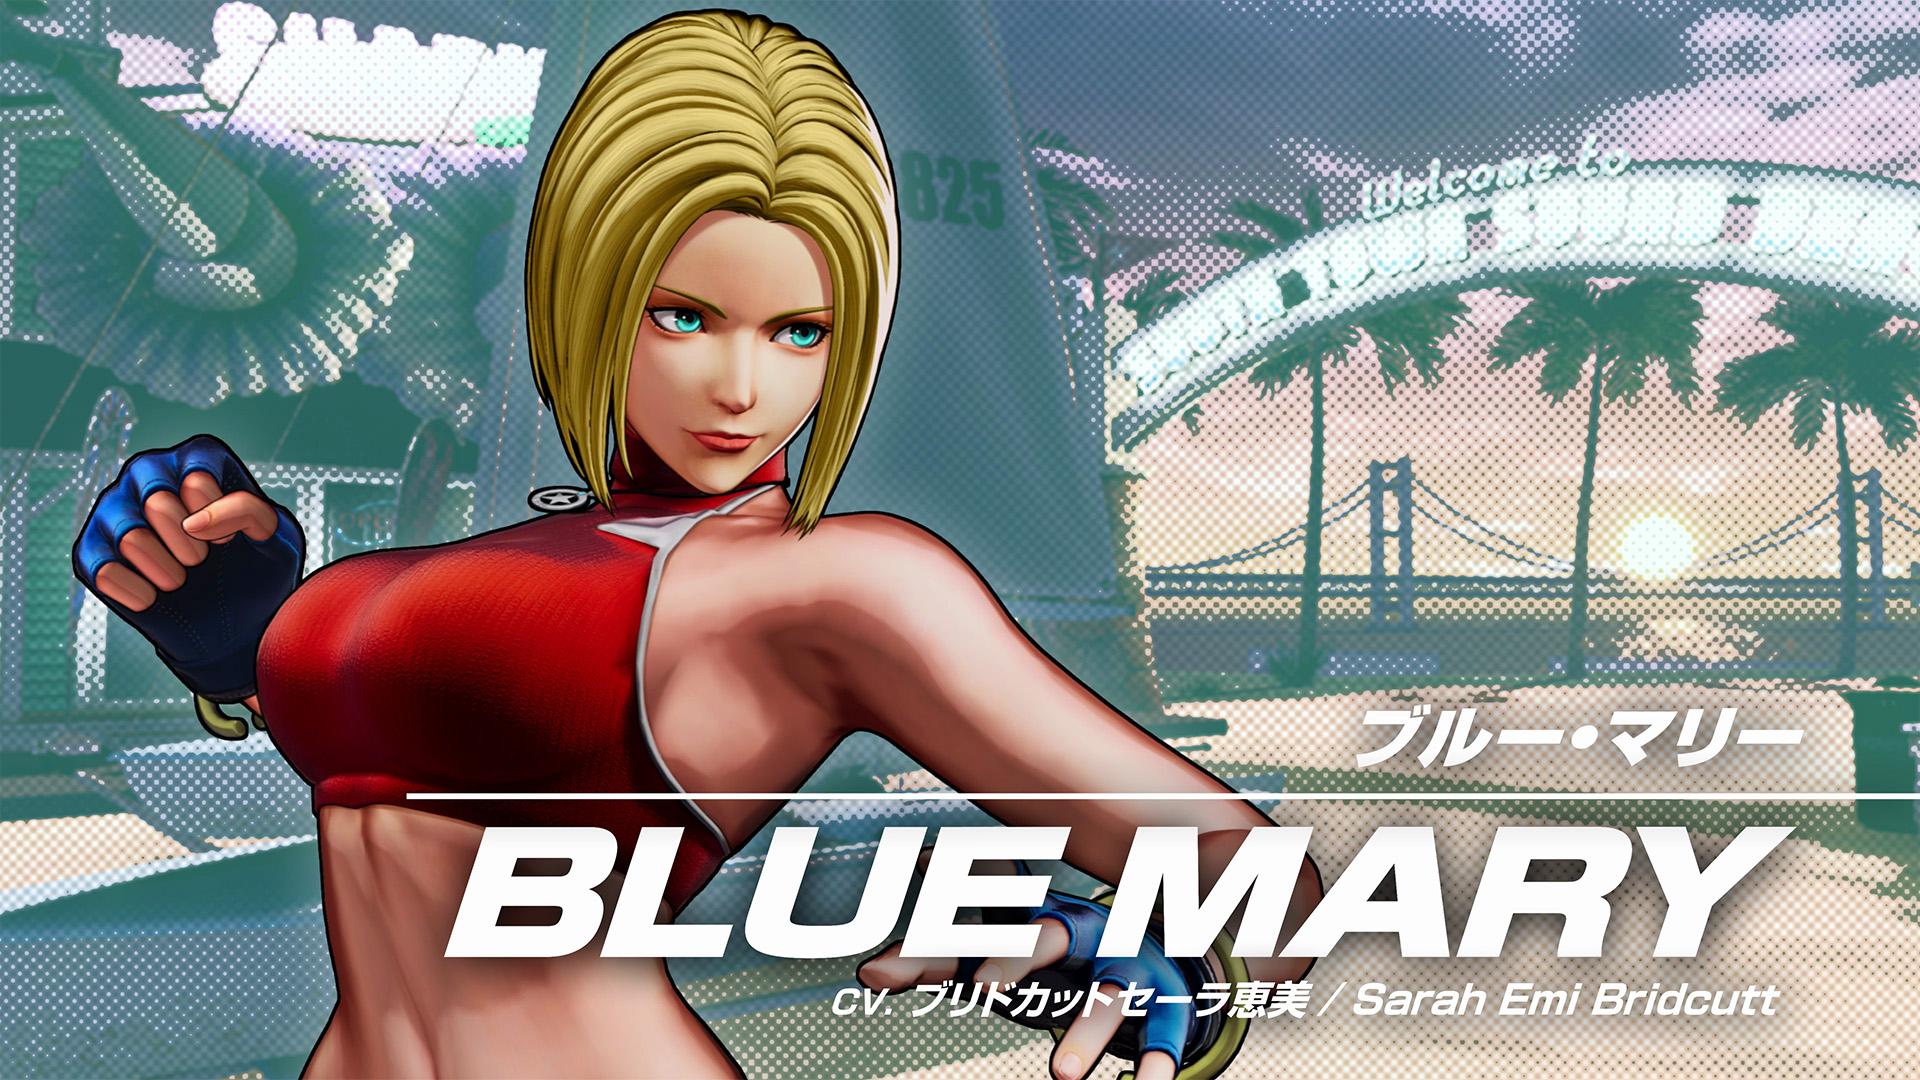 拳皇15公布角色影像运动系美女布鲁玛丽闪亮登场